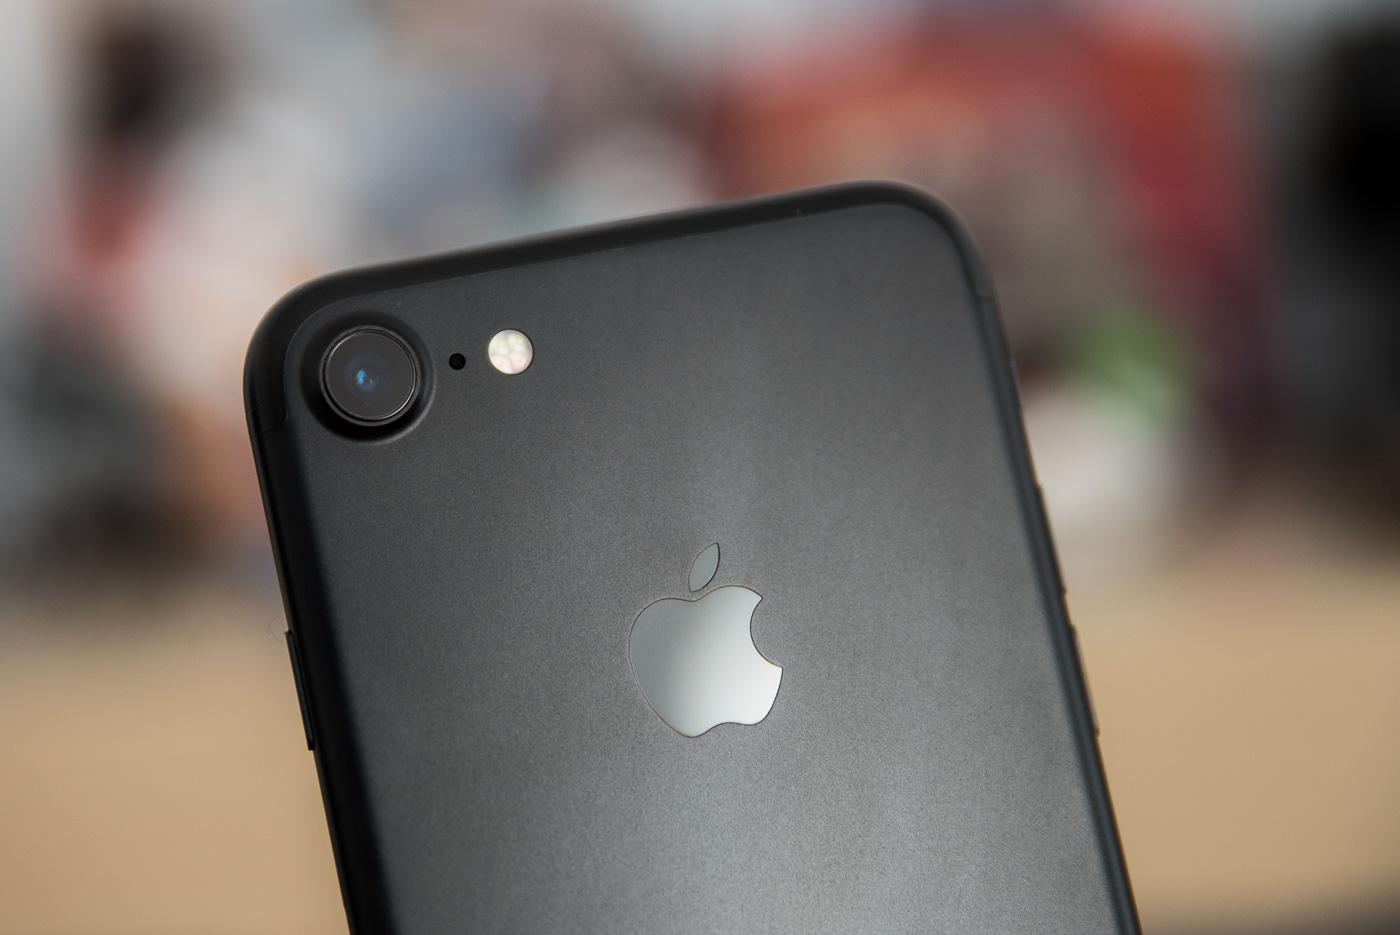 Aparat iPhone'a 7 w tyle za Androidami, ale to bez znaczenia, bo… Apple i tak wygrywa